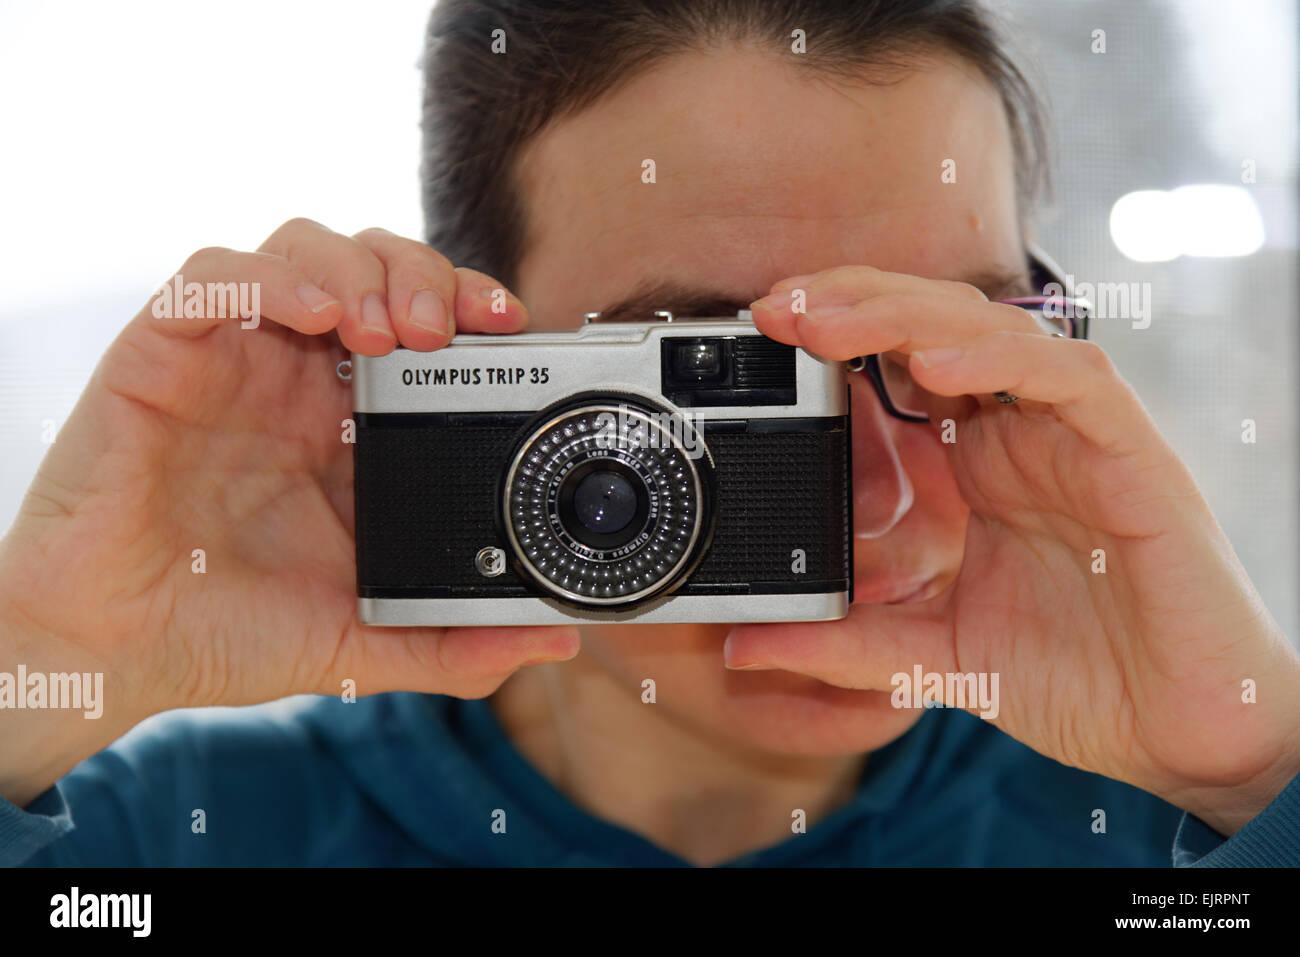 Una mujer que sostiene el clásico viaje 35 cámara compacta Olympus Imagen De Stock